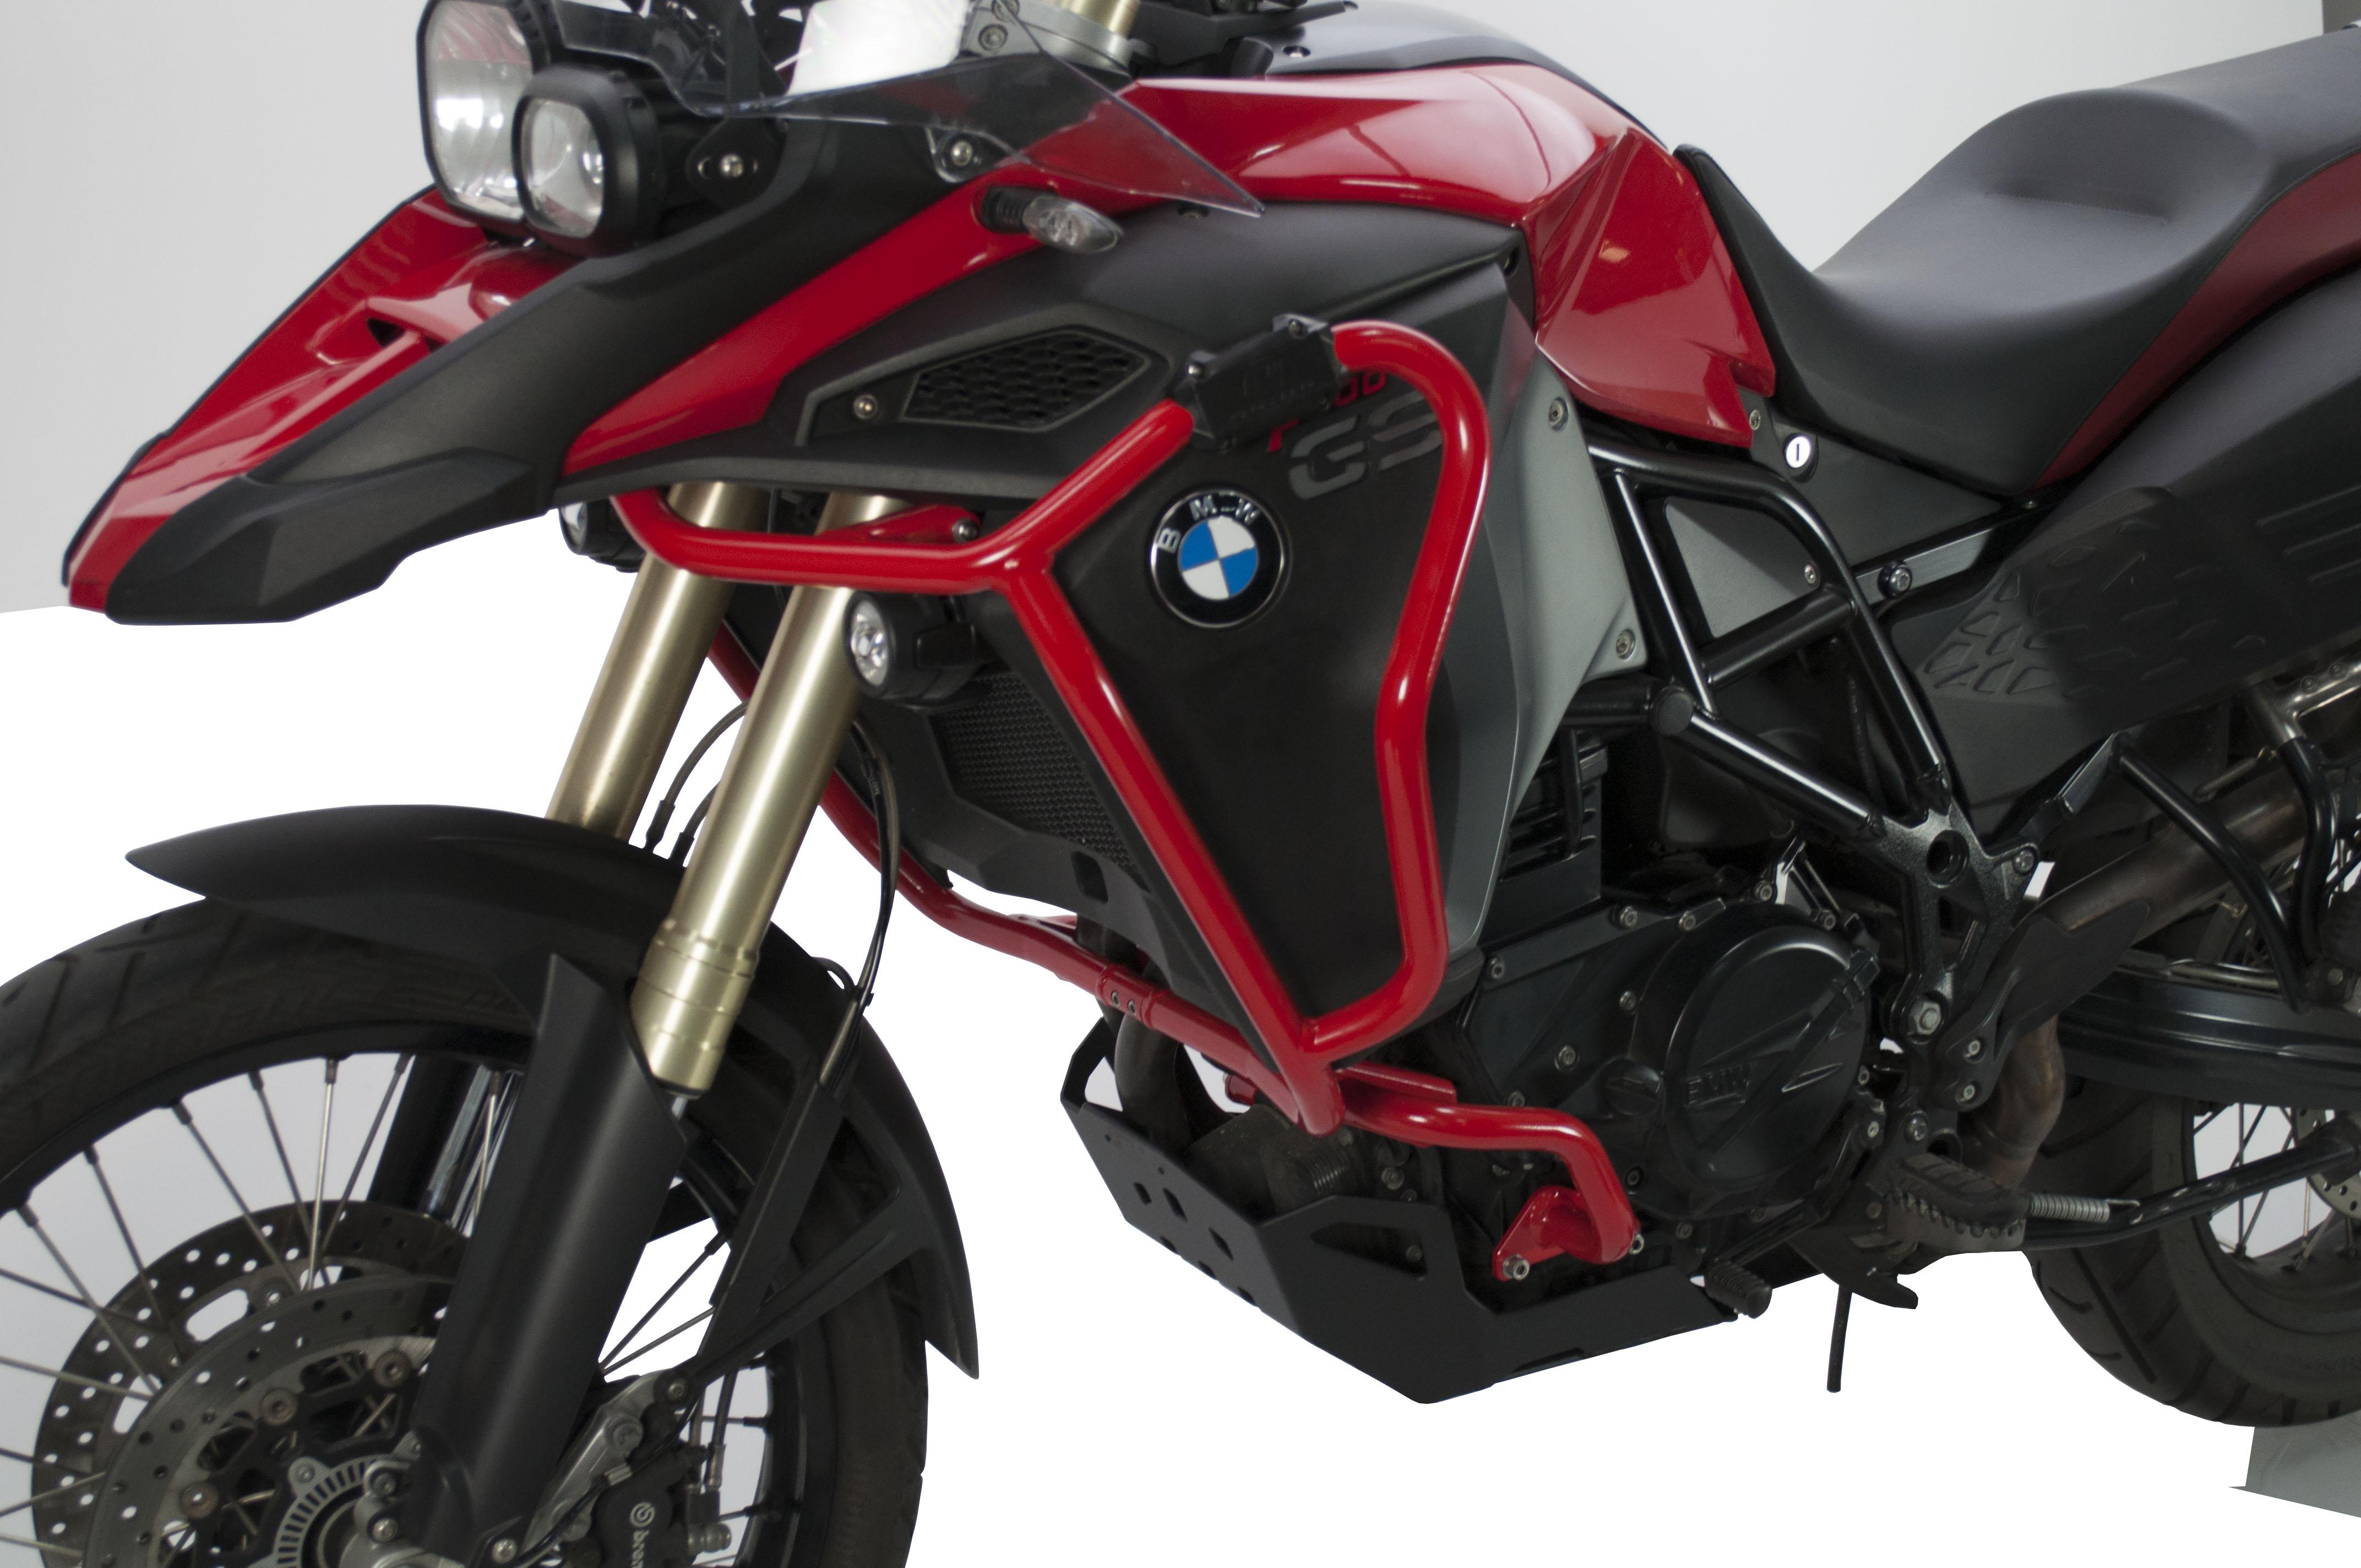 Sturzbuegel Bmw F 800 Gs Adventure 2012 2018 Db Parts 2db19700330004 Kühler Kühlerschütz Schutz Moto Und Quad